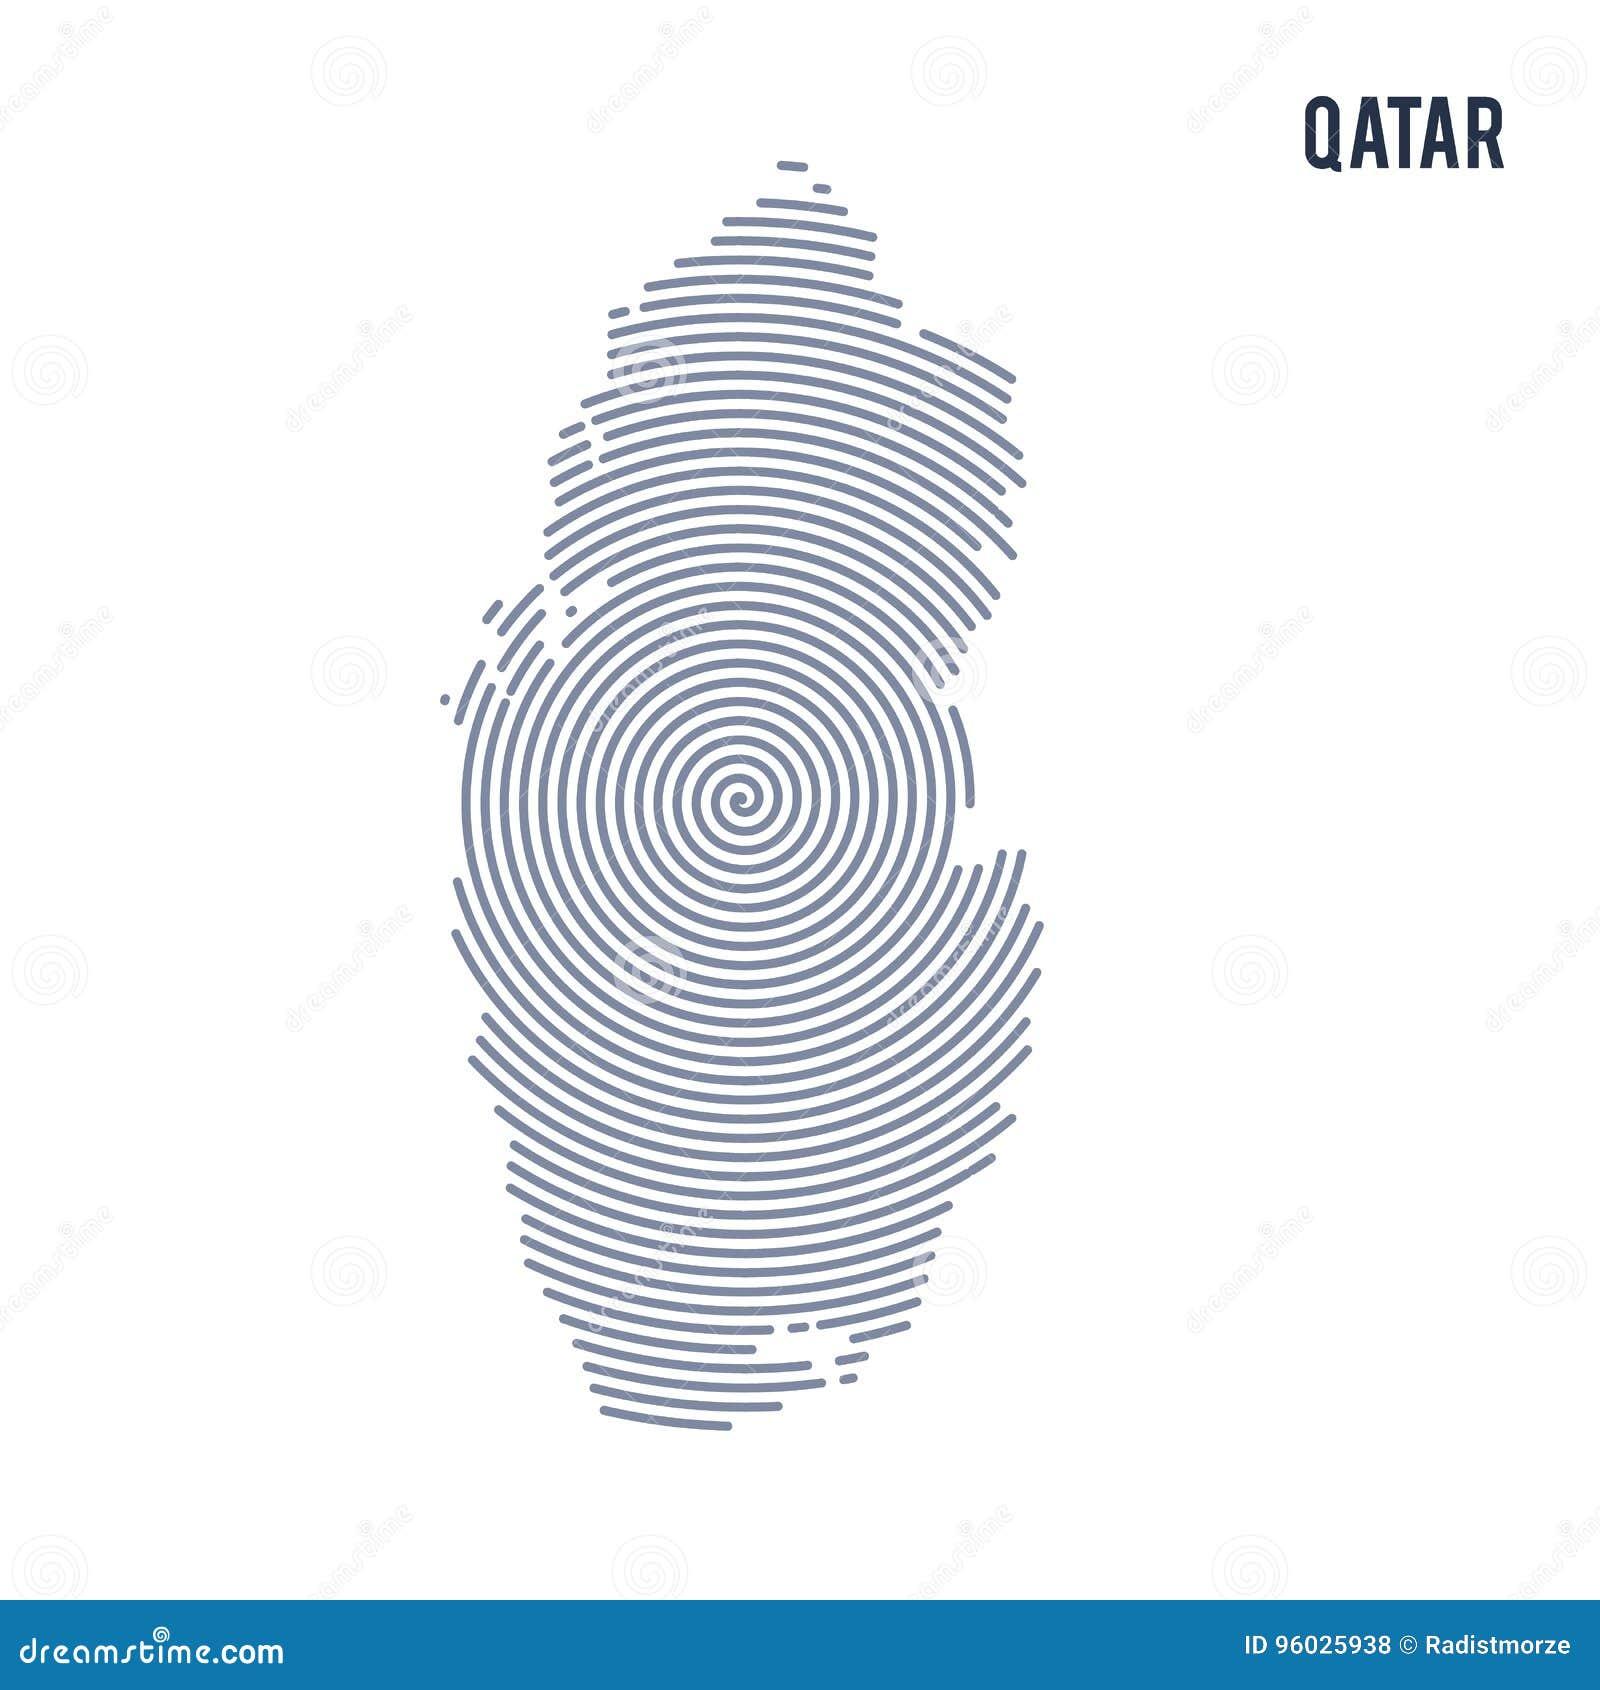 Wektorowy abstrakt klująca się mapa Katar z spiral liniami odizolowywać na białym tle